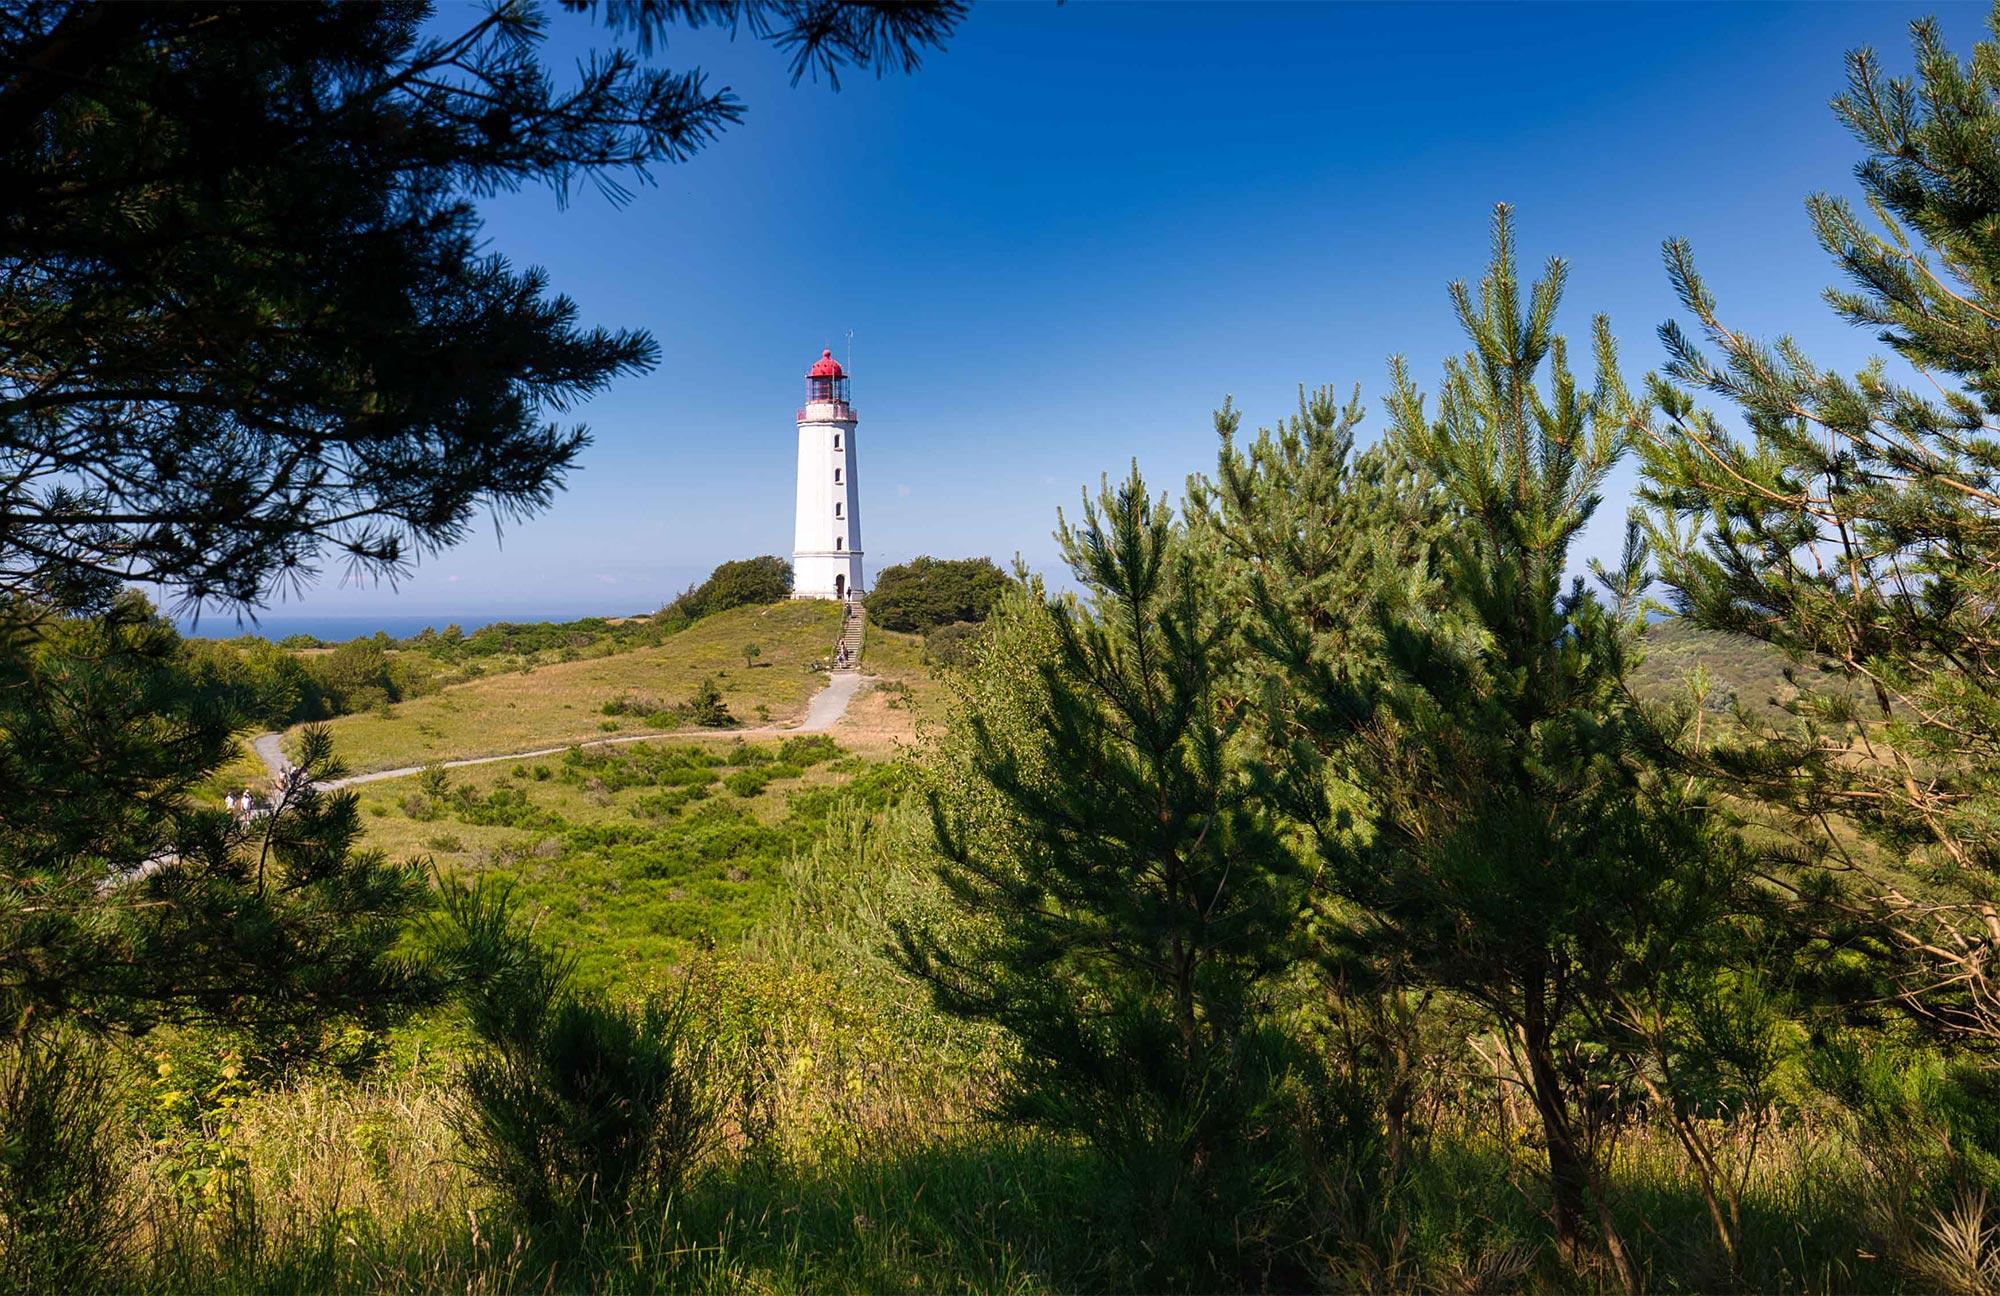 Die bekannte Insel Hiddensee ist seit jeher auch ein Ort für KünstlerInnen